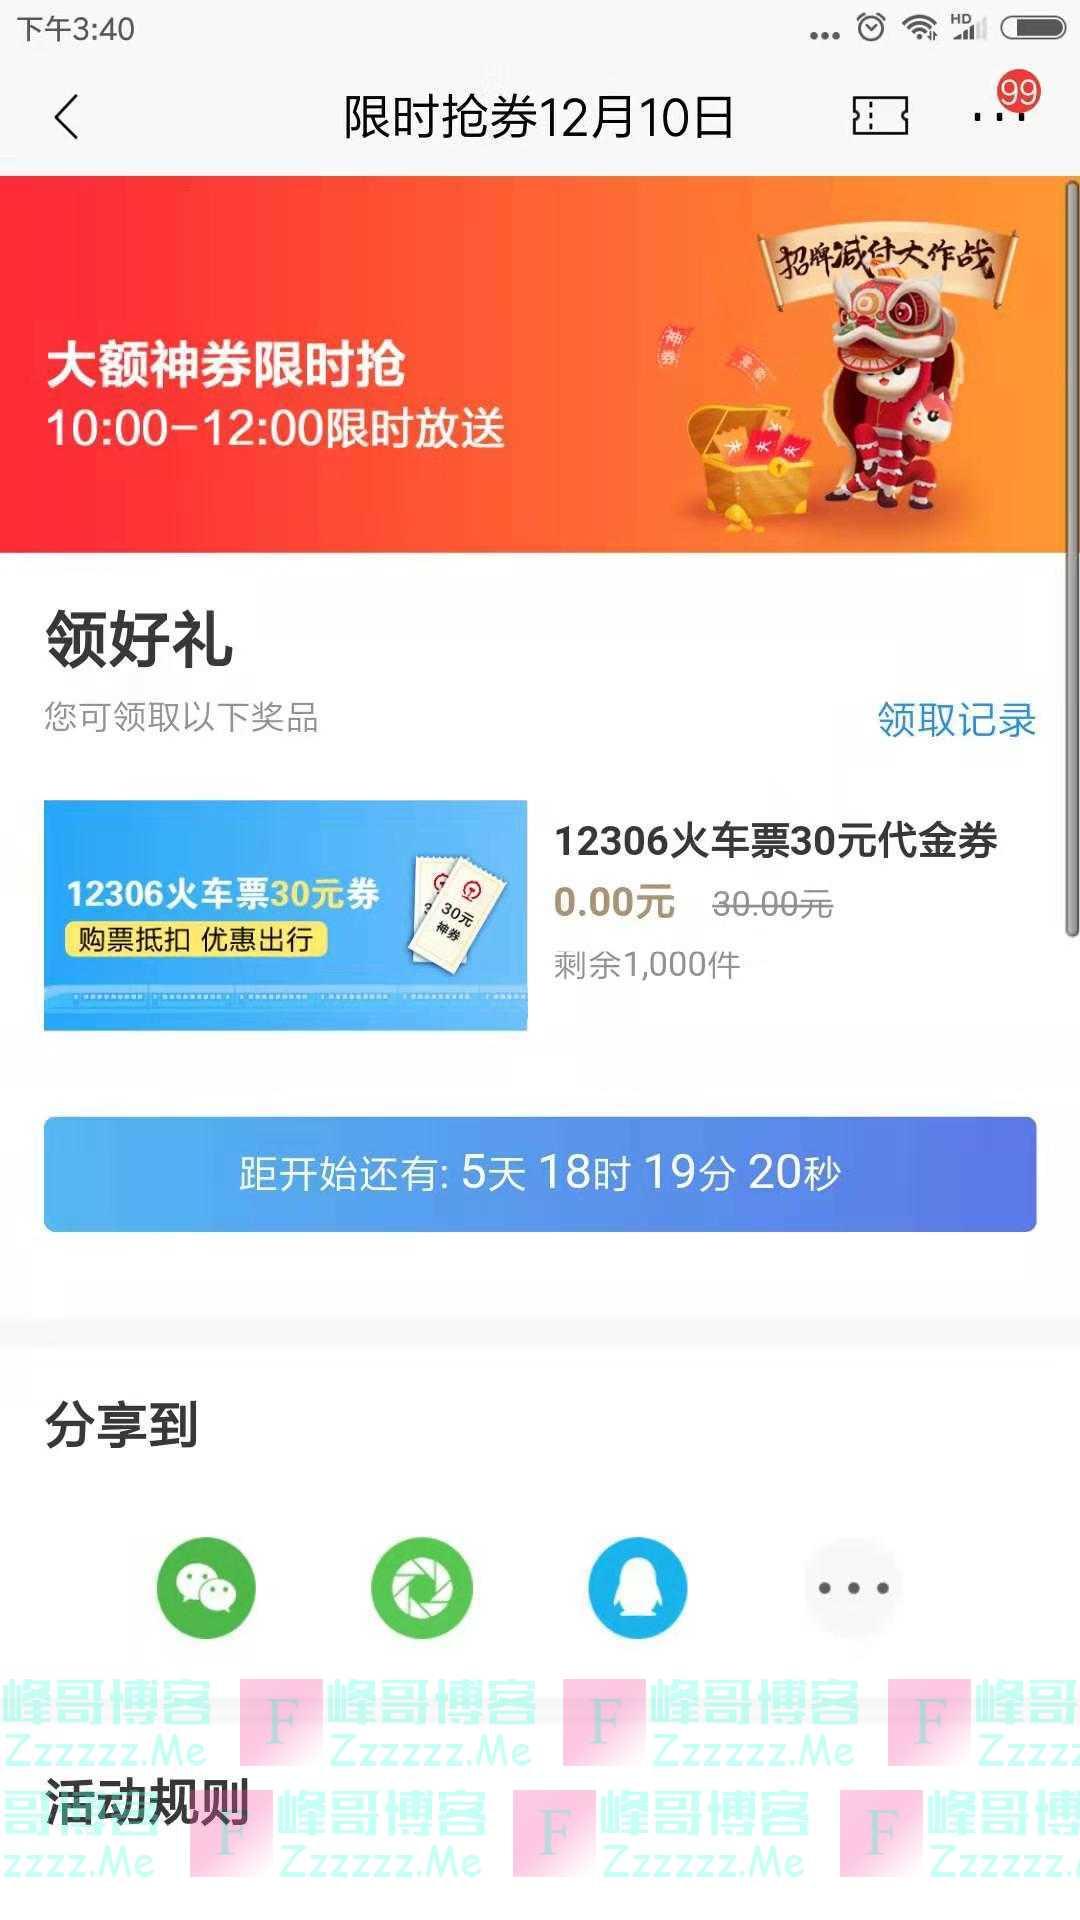 招行12.10抢一二306火车票30元代金券活动2(截止12月10日)